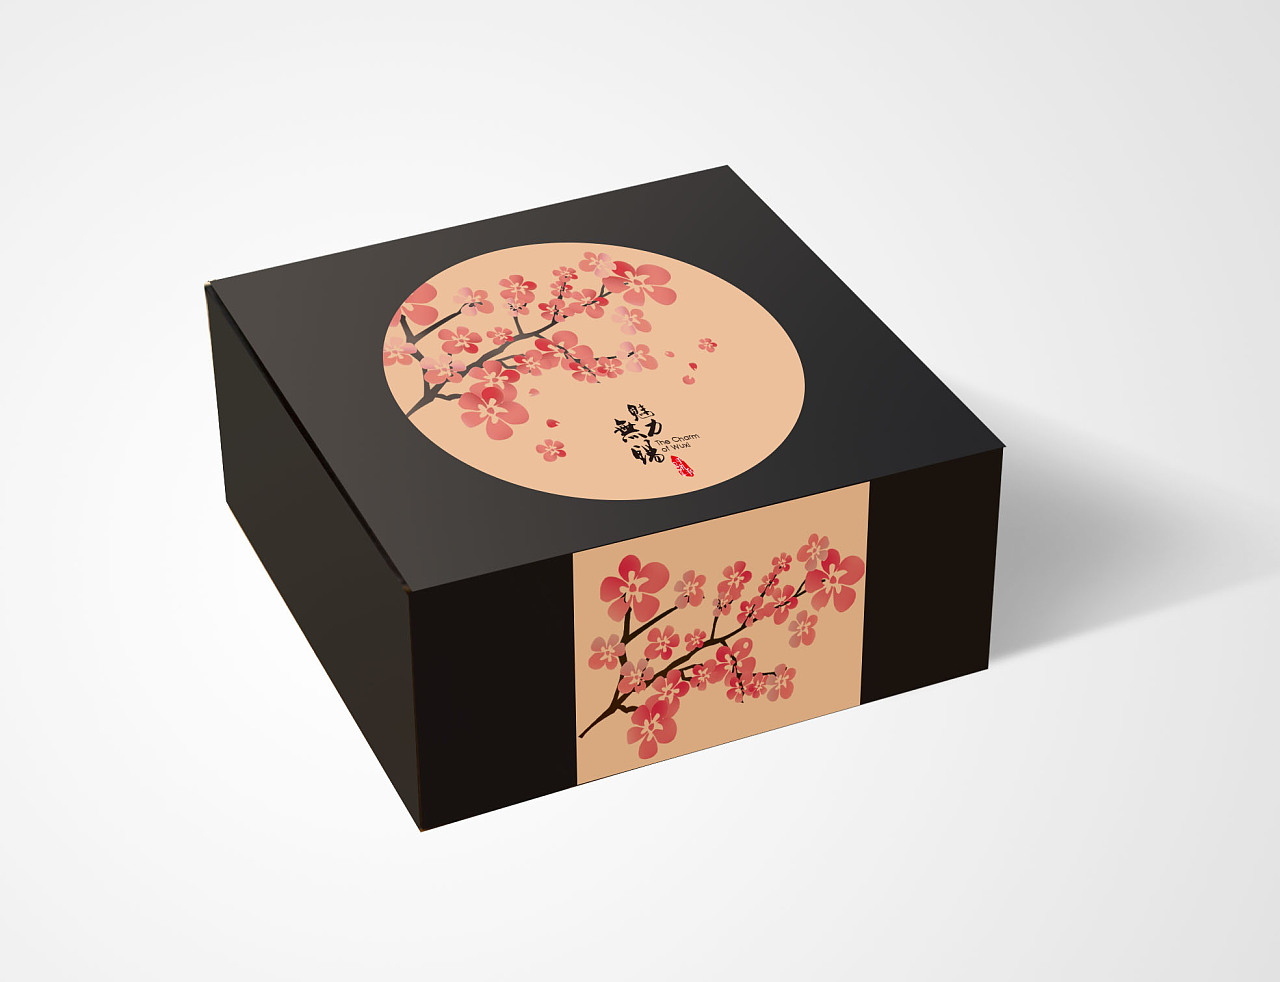 无锡旅游礼品包装盒设计图片